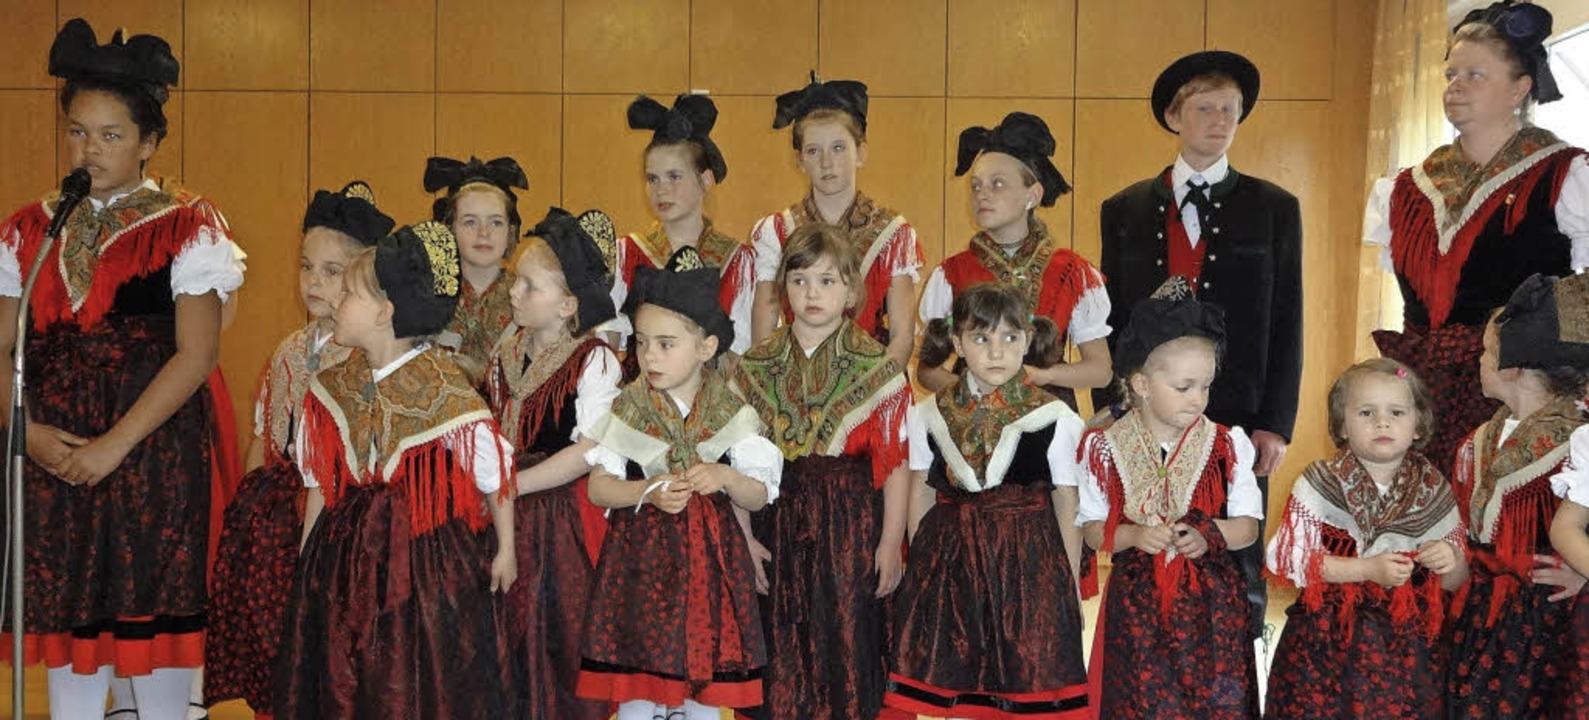 Die Kindertrachtengruppe aus Zell erfr... ihren schönen Tänzen und Darbietungen  | Foto: Klaus Brust